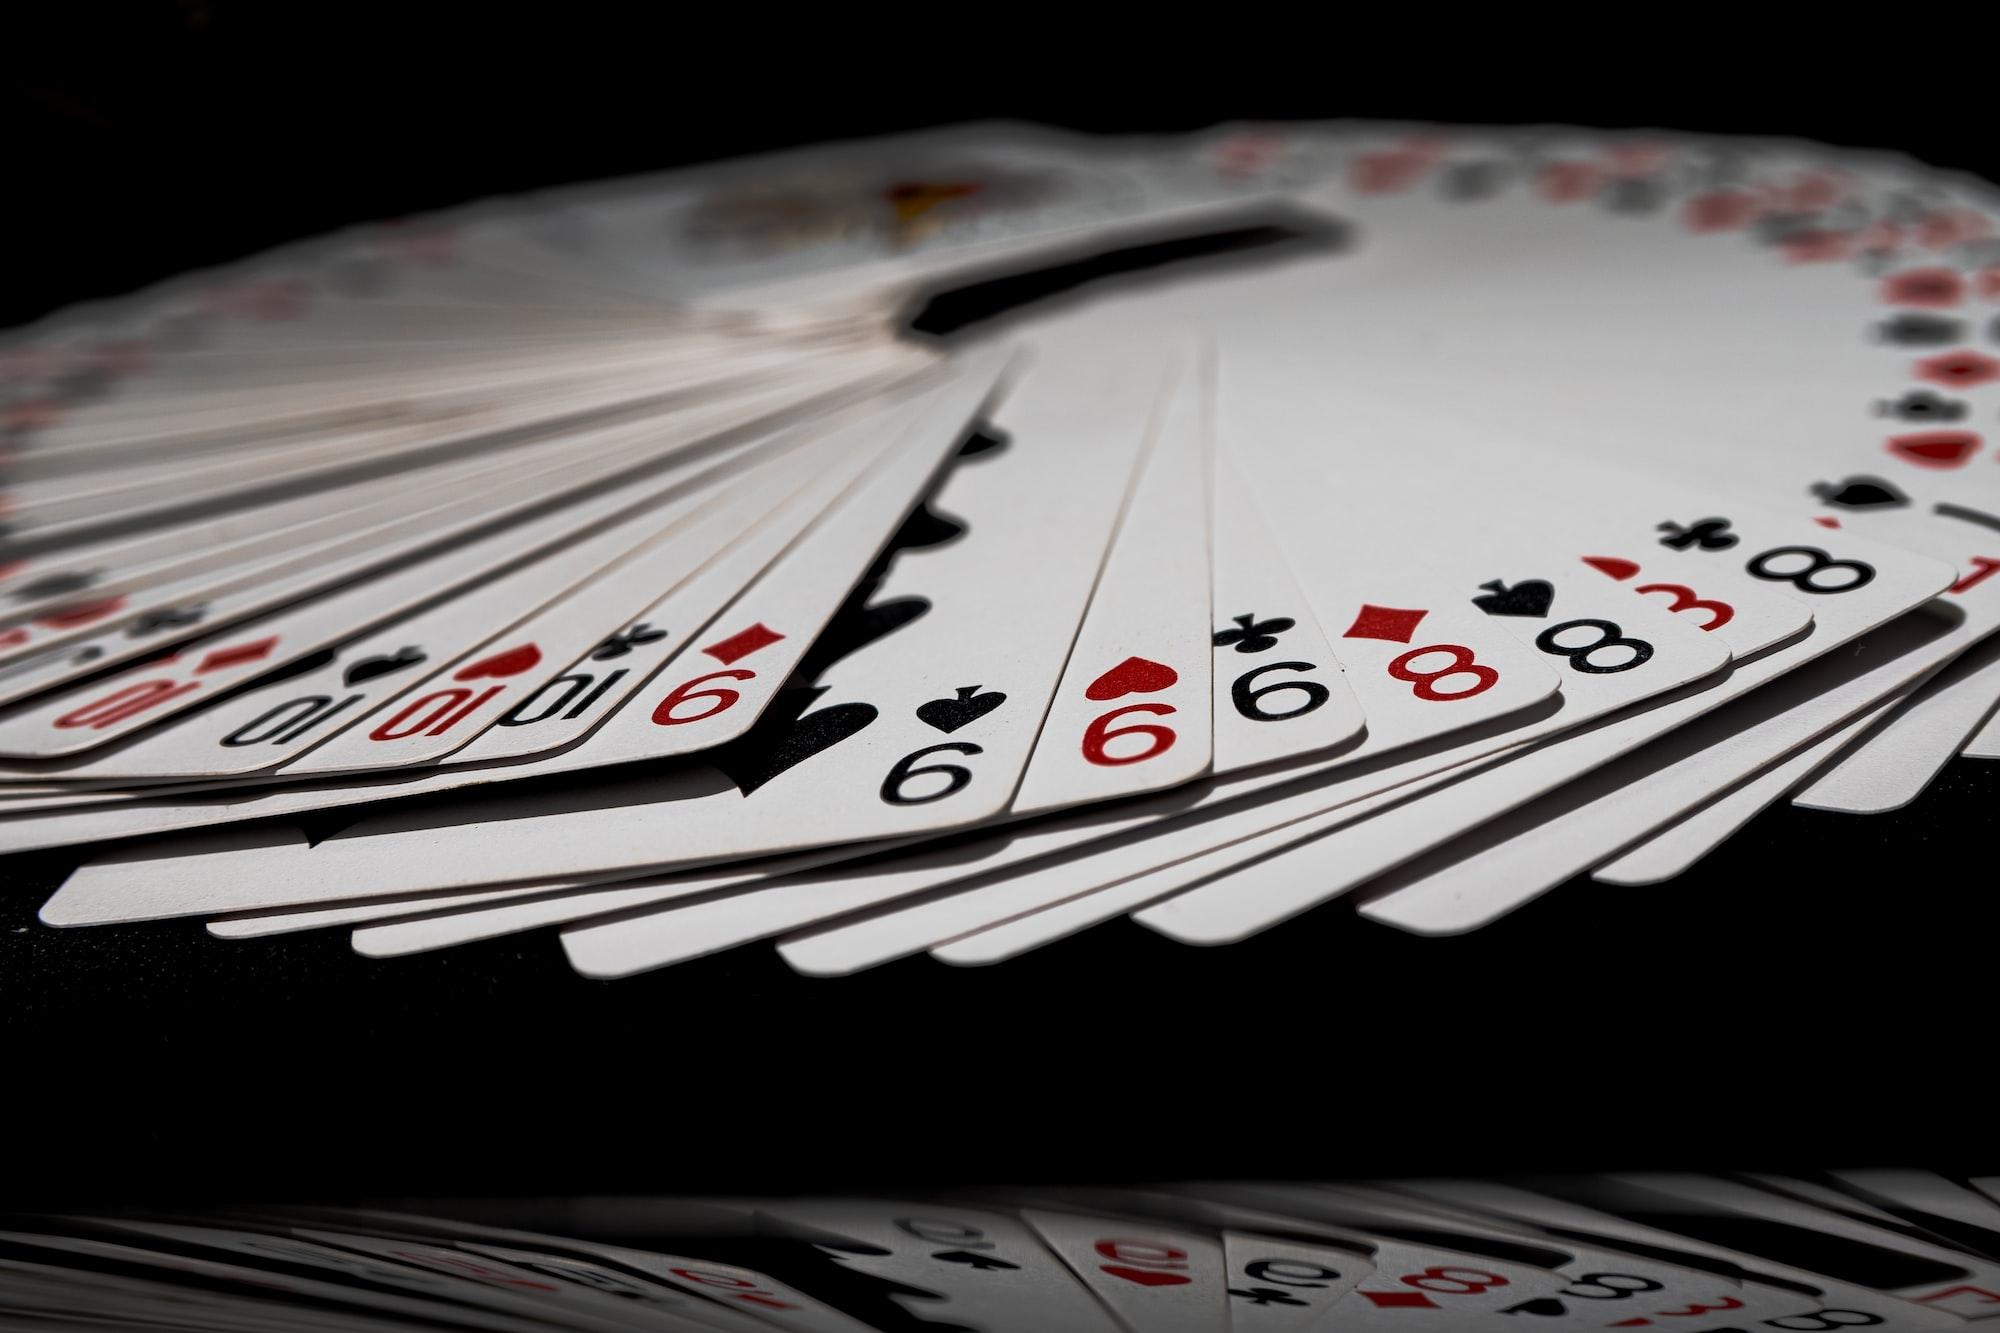 Estrazioni Lotto, Superenalotto e 10eLotto 15/05/21: i numeri vincenti